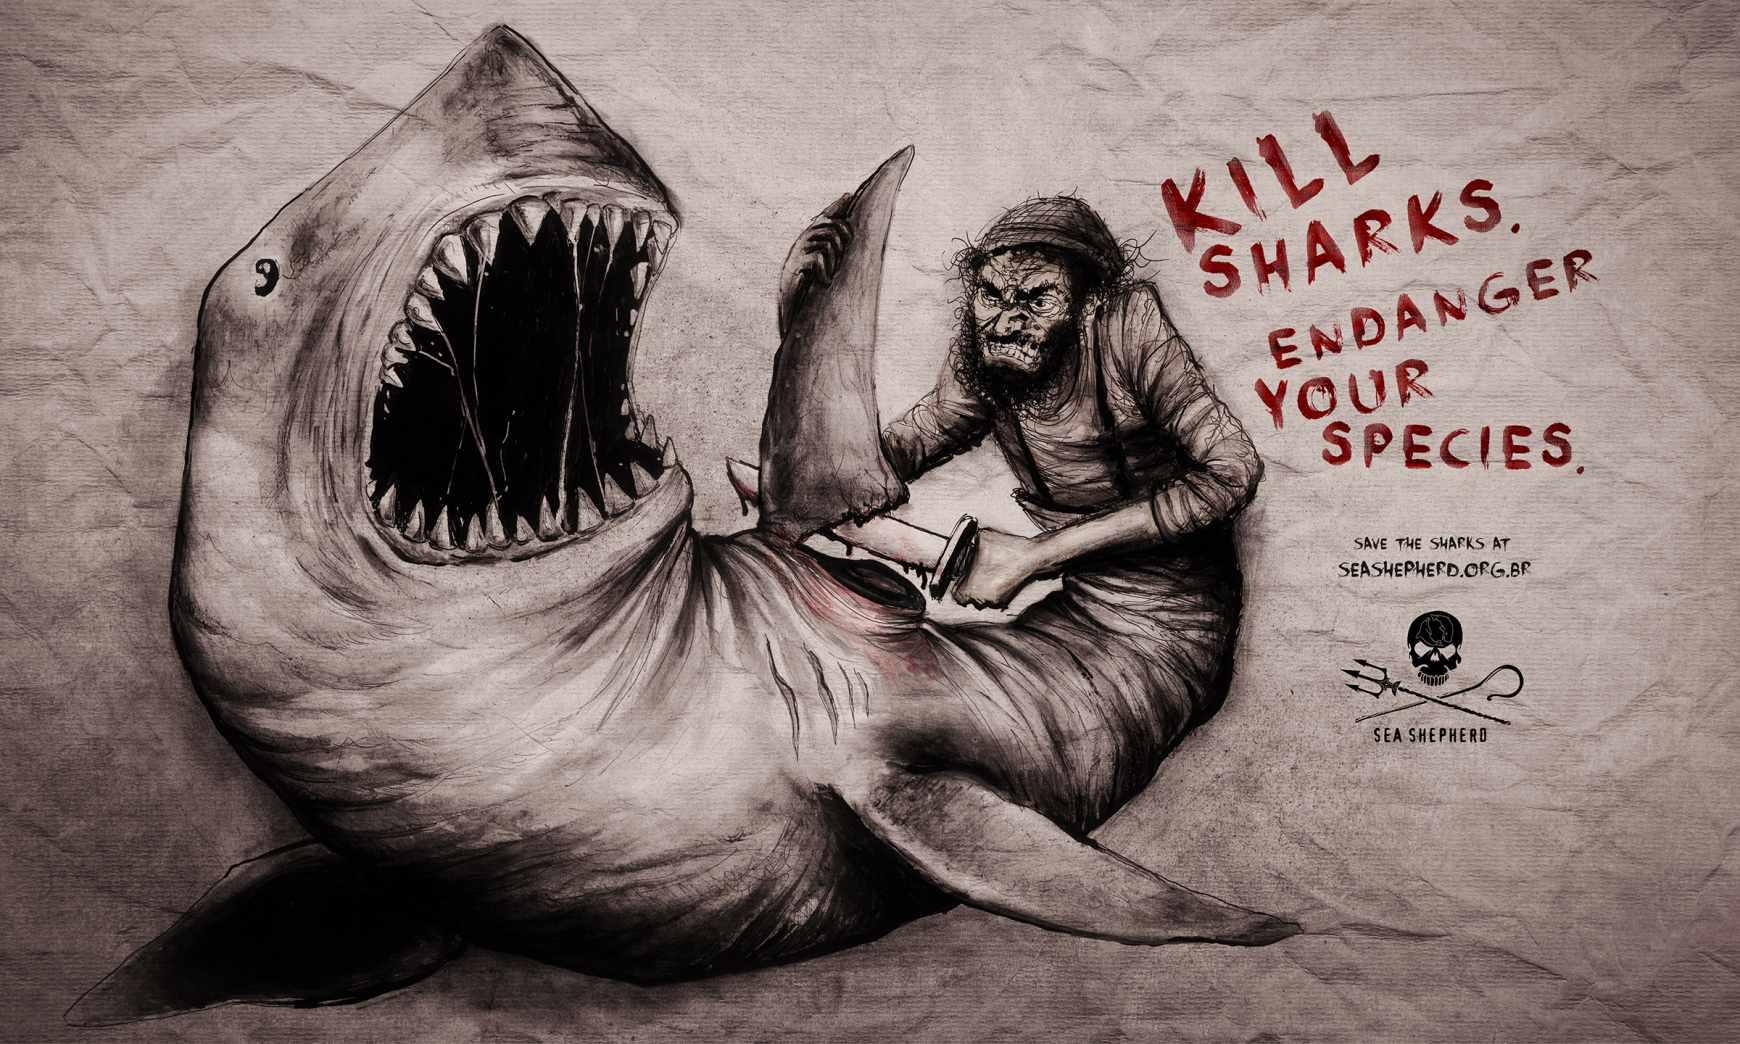 species_shark